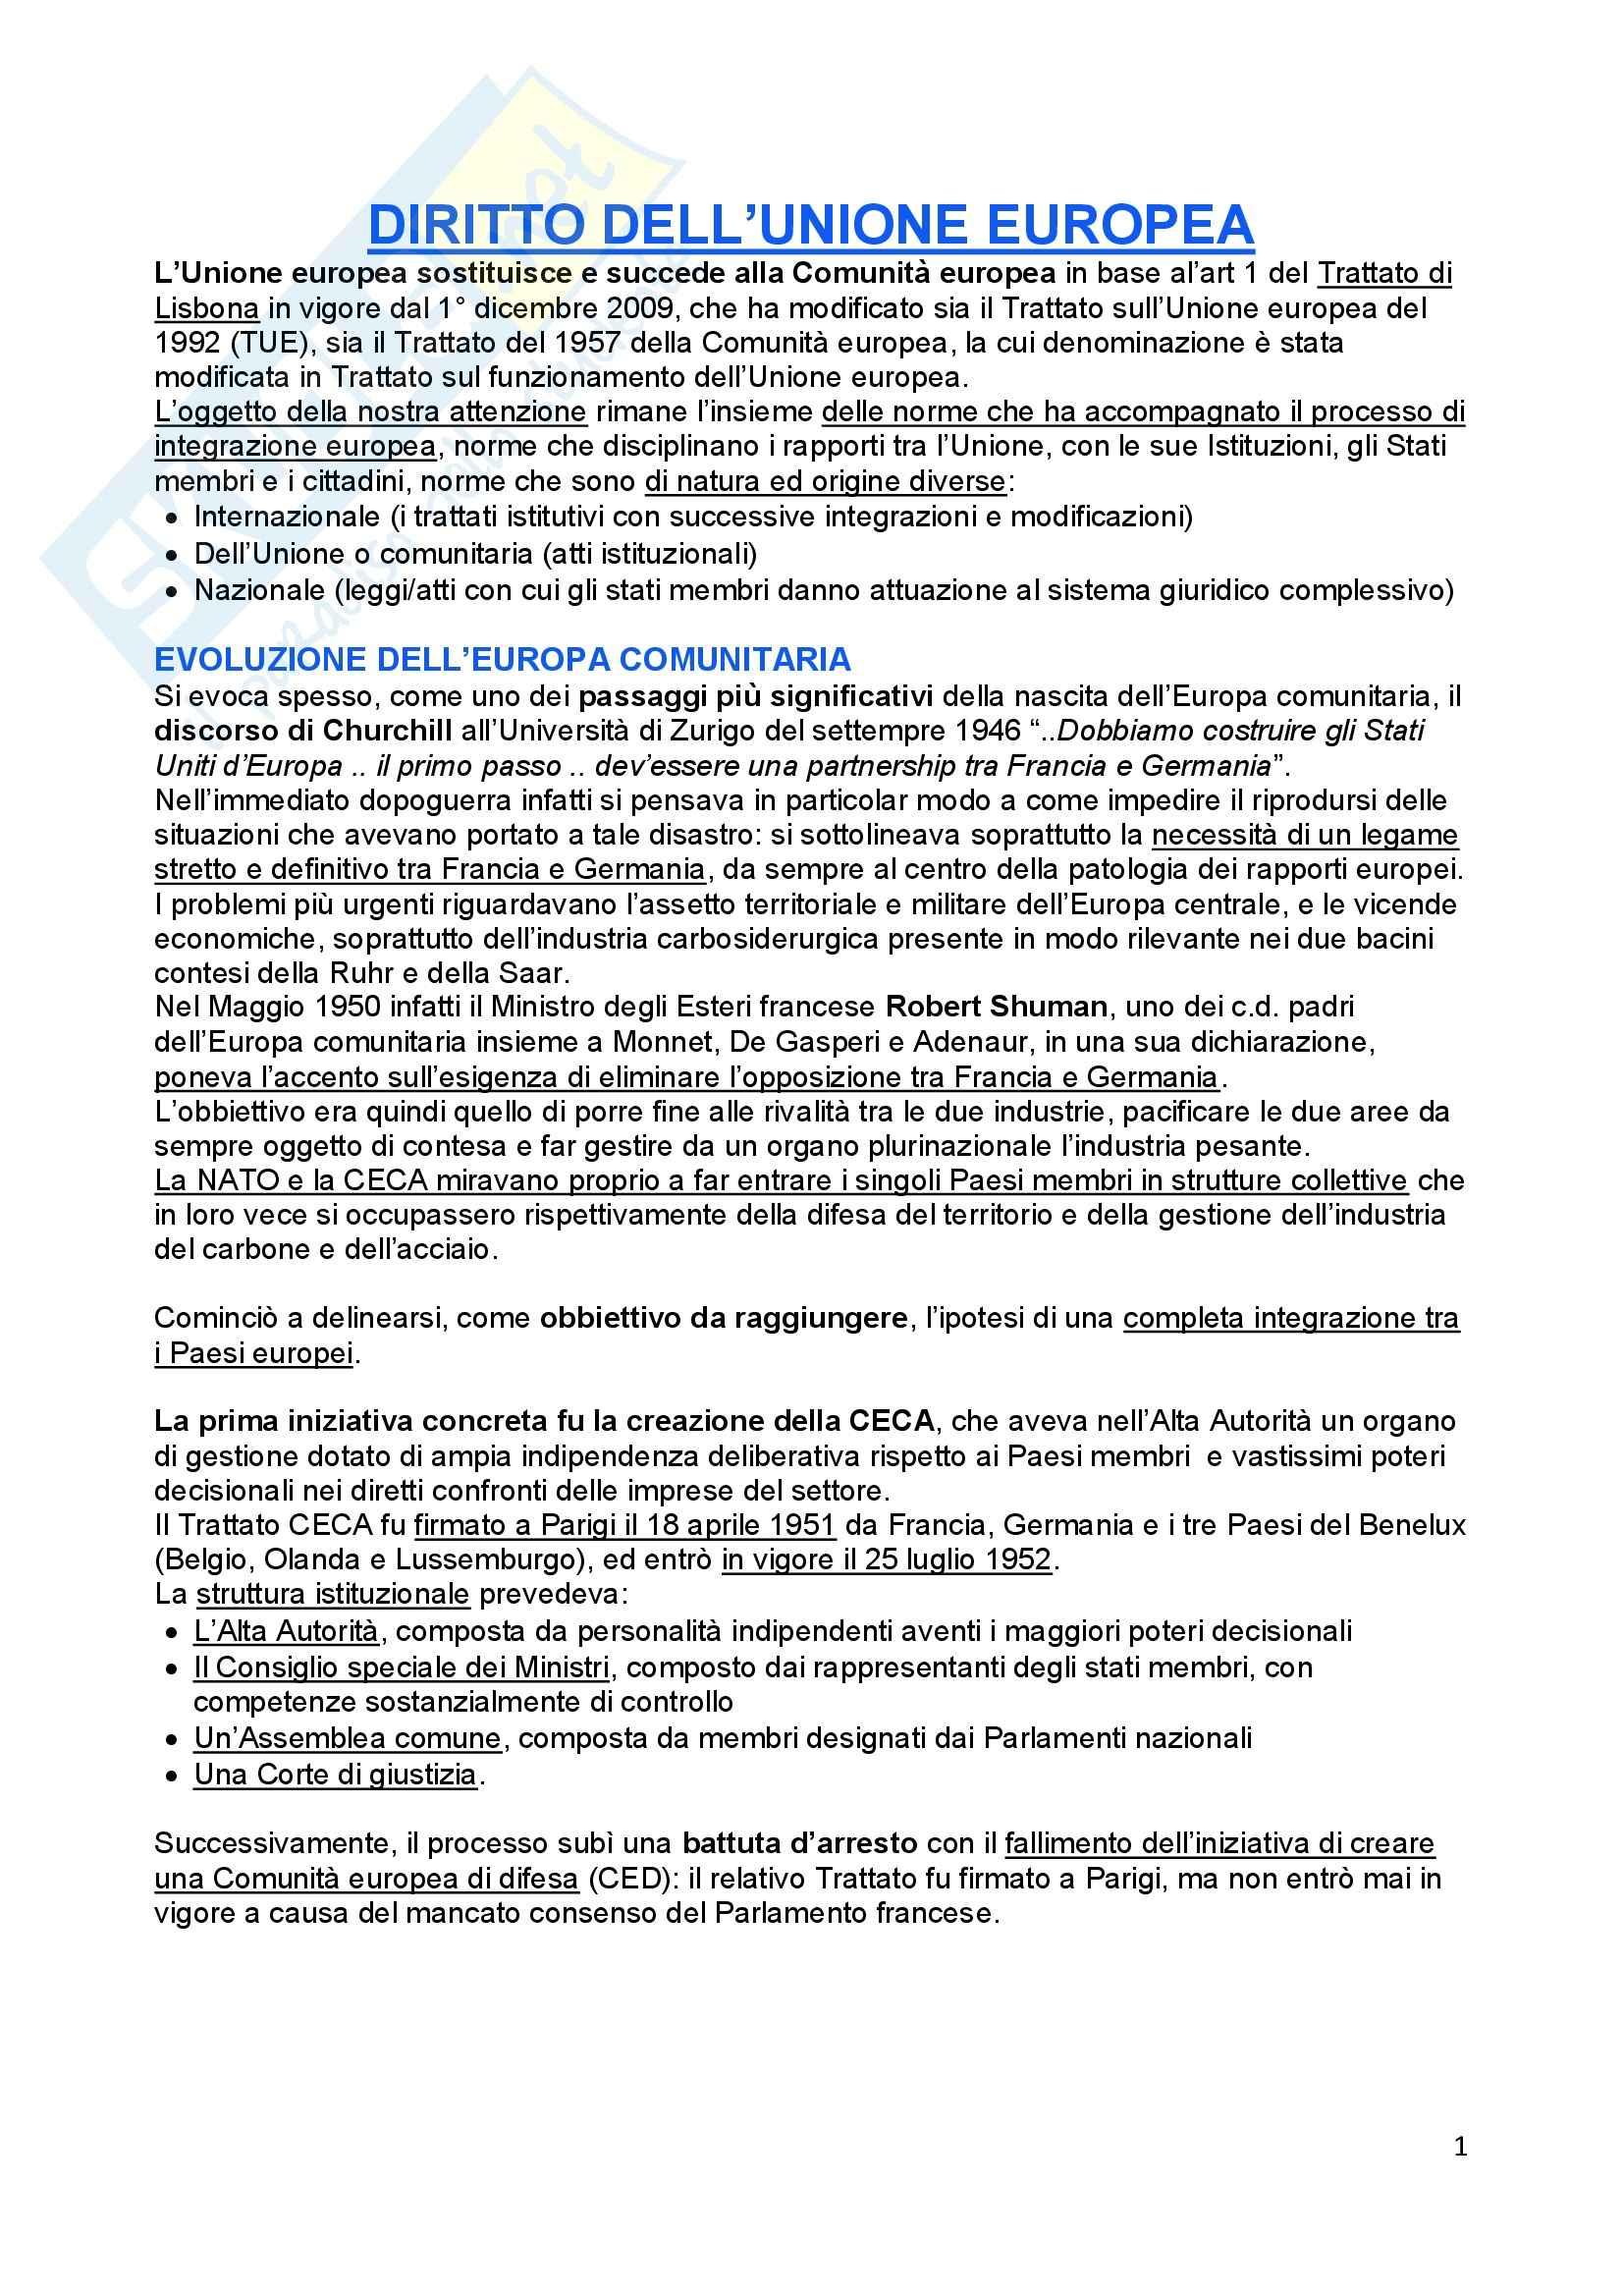 appunto M. Baruffi Diritto dell'Unione Europea